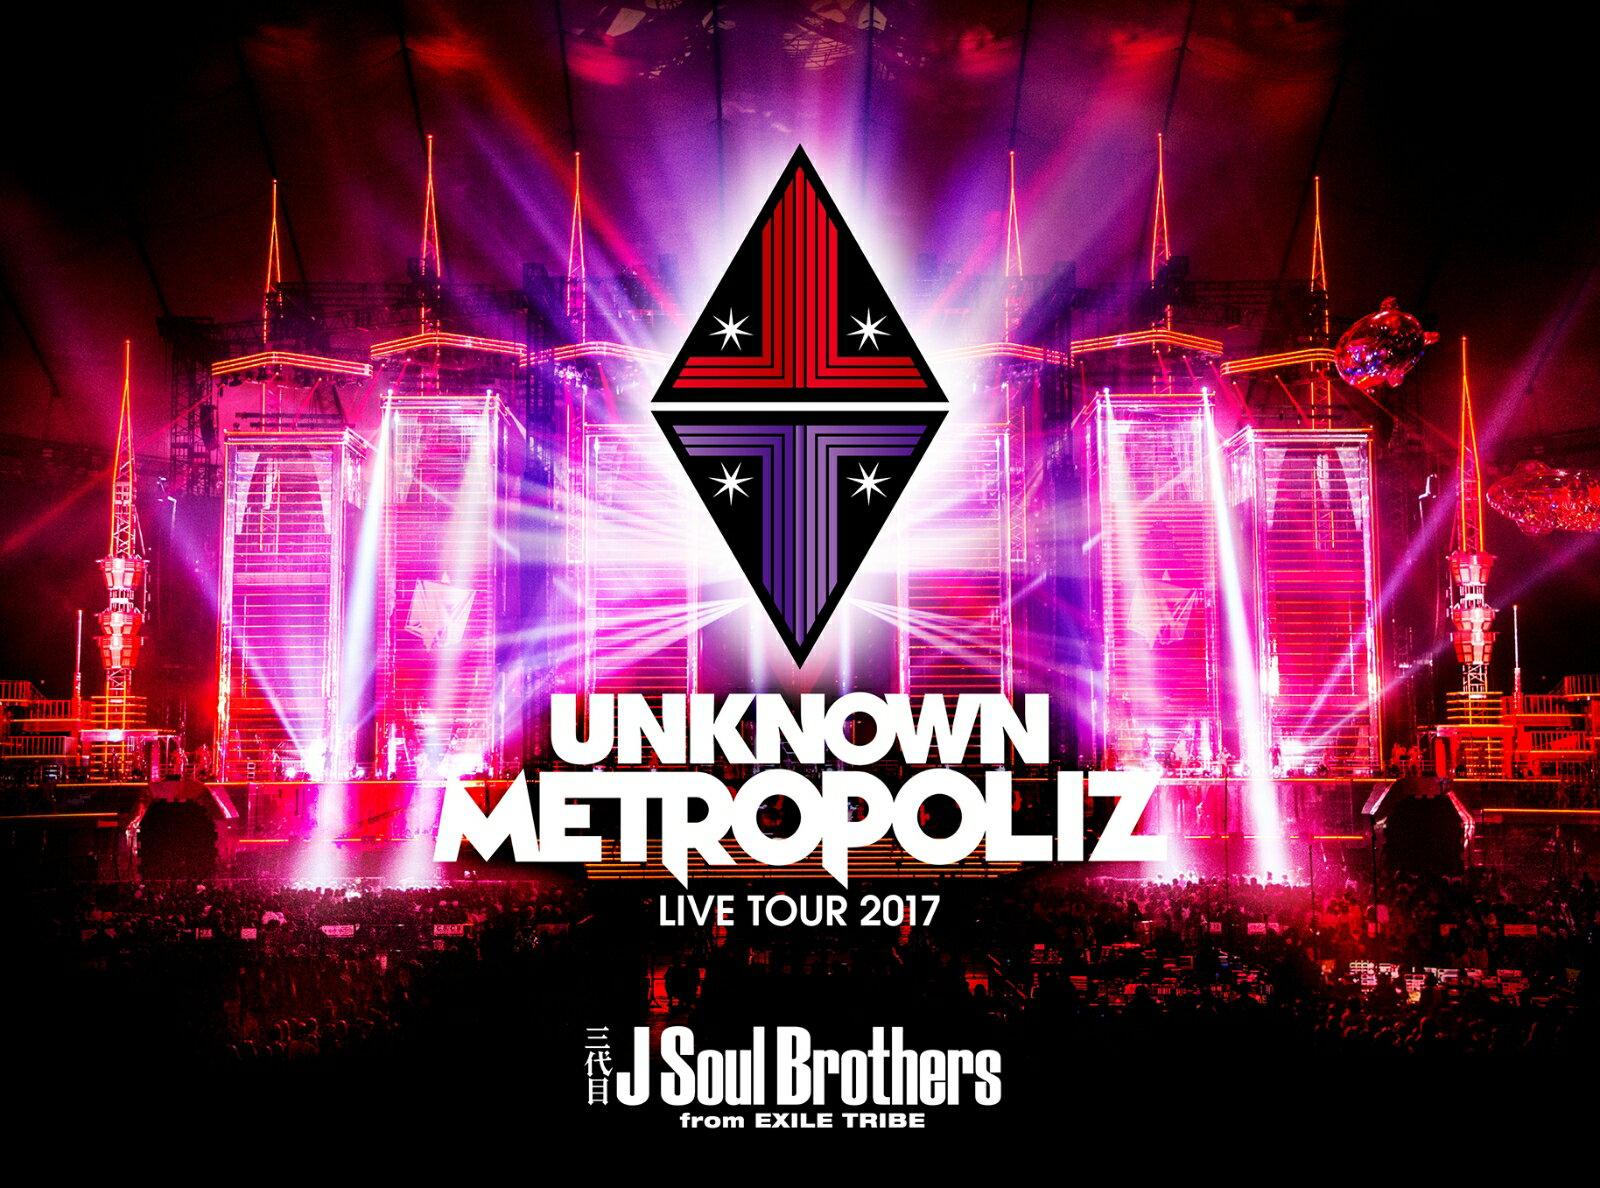 """三代目 J Soul Brothers LIVE TOUR 2017 """"UNKNOWN METROPOLIZ""""【Blu-ray】 [ 三代目 J Soul Brothers from EXILE TRIBE ]"""